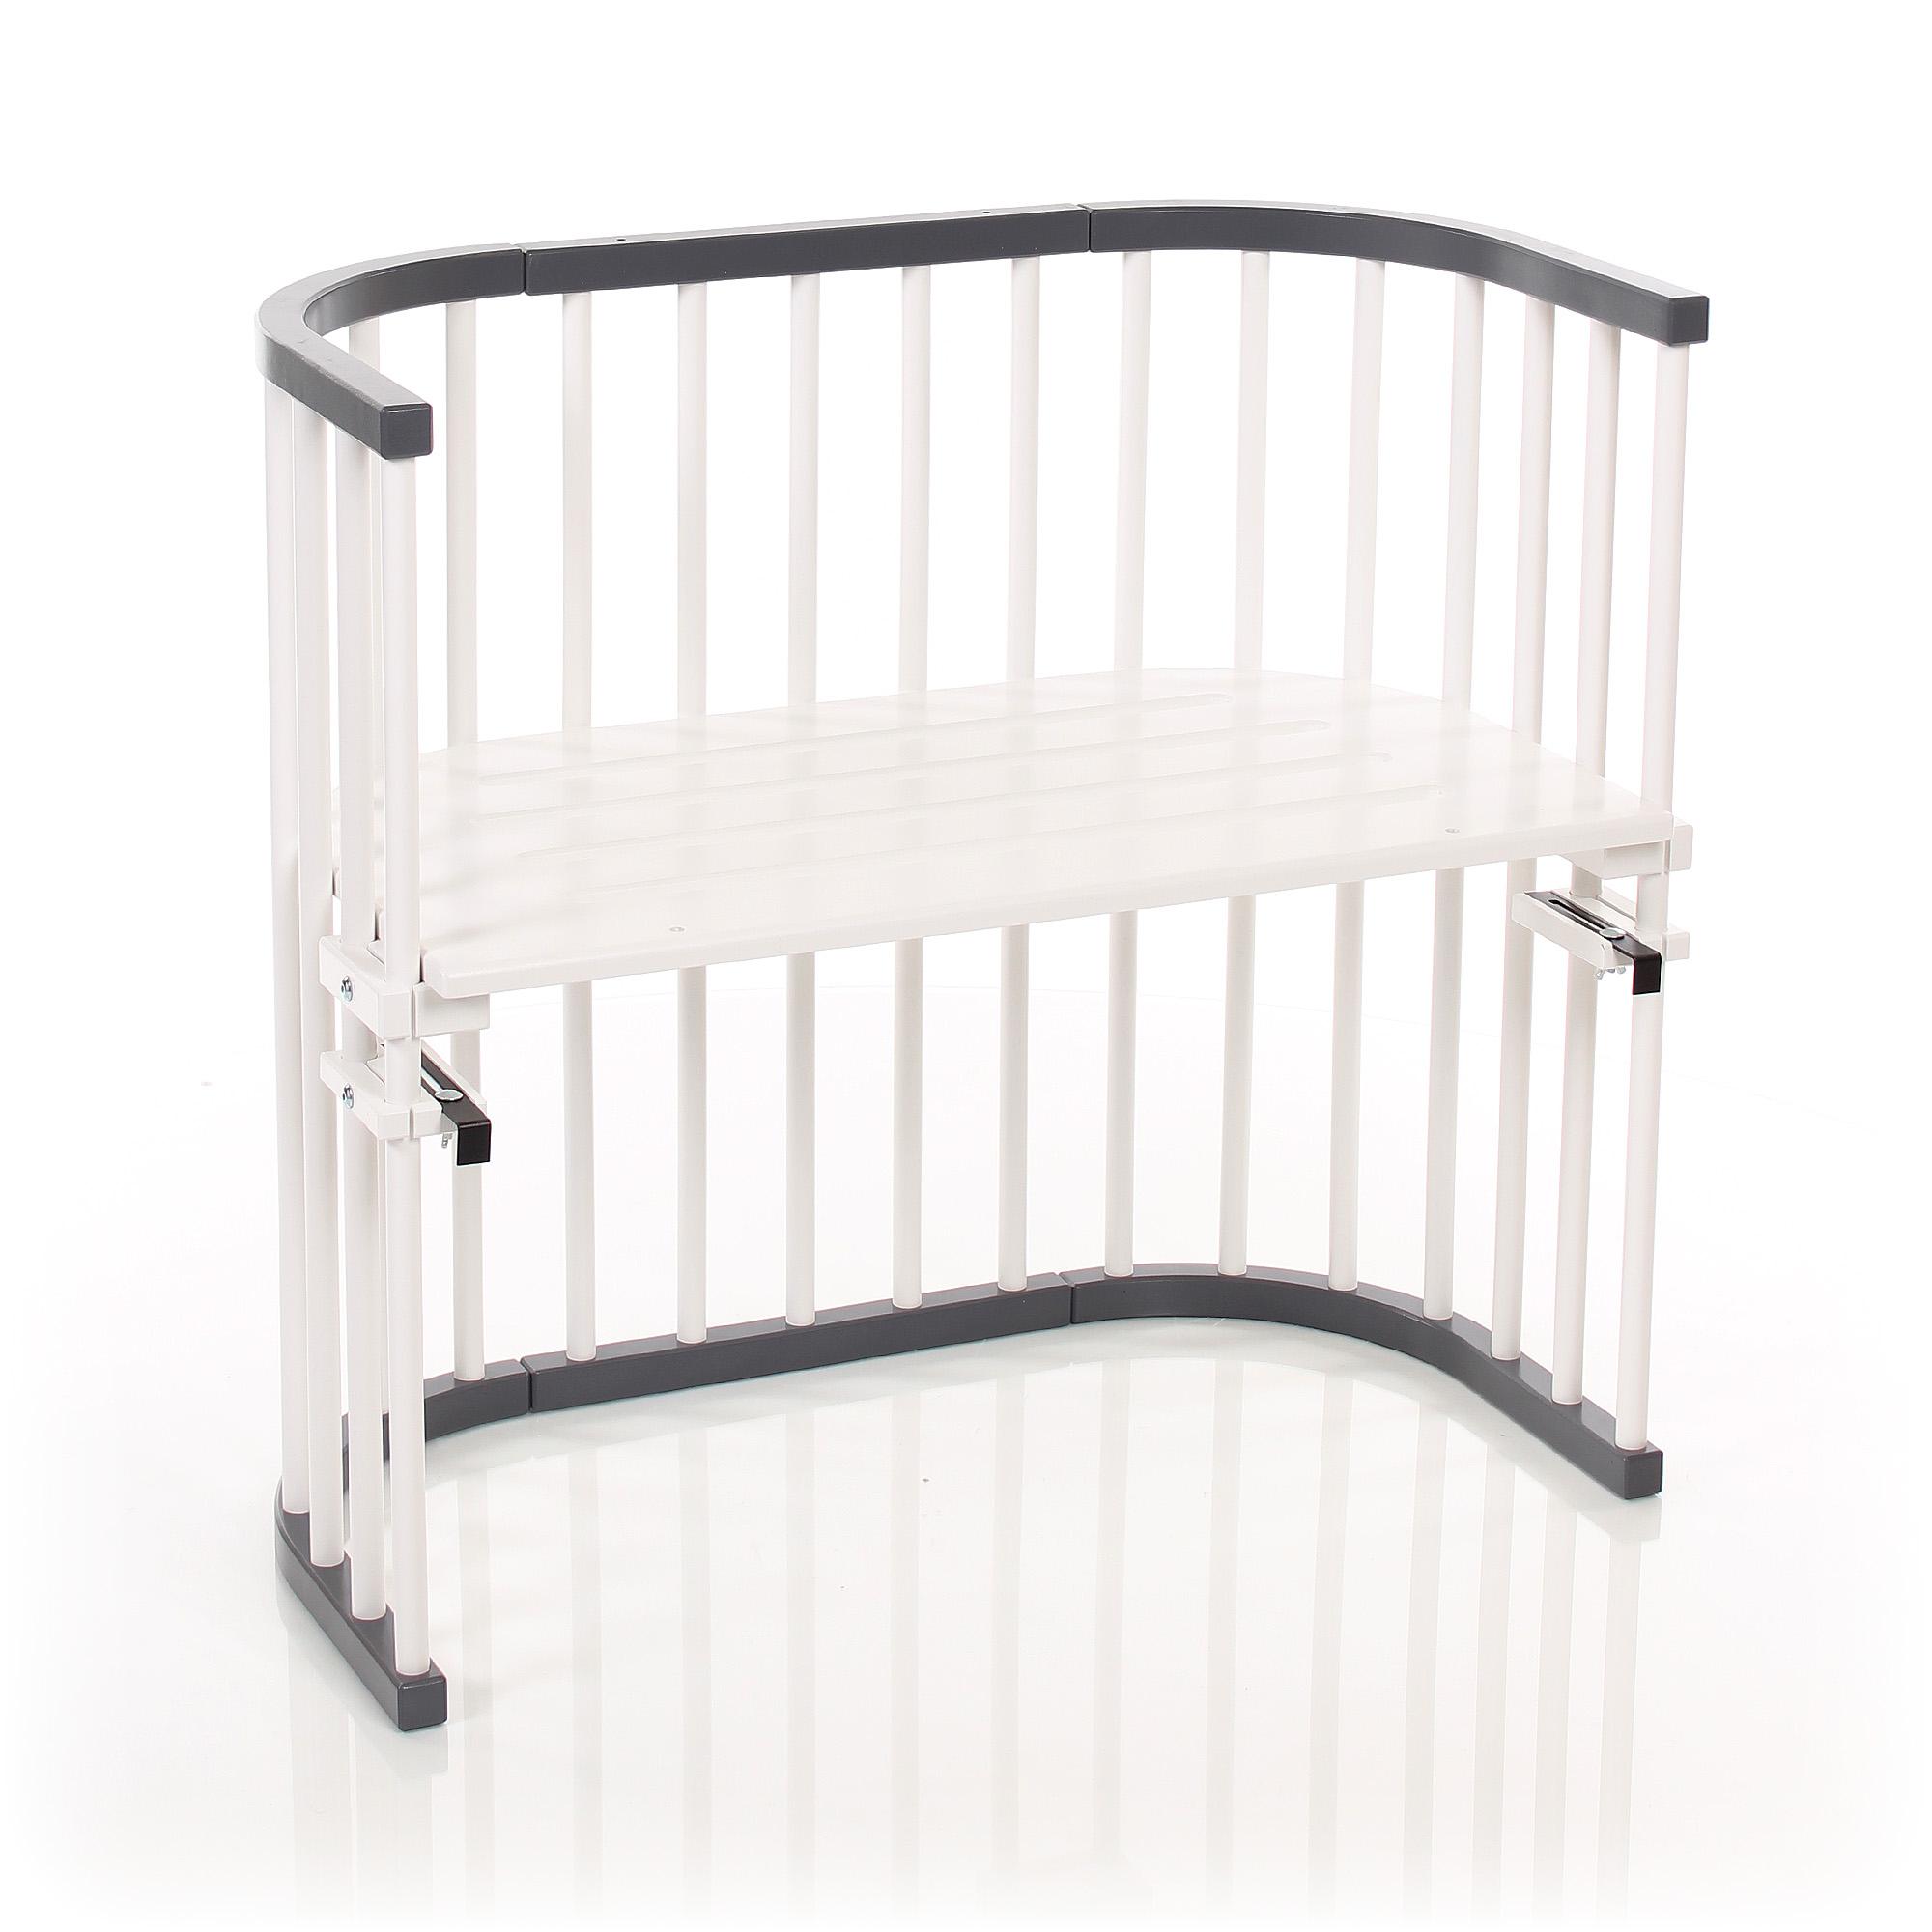 tobi babybay beistellbett original schiefergrau wei extra bel ftet baby fachmarkt f r. Black Bedroom Furniture Sets. Home Design Ideas